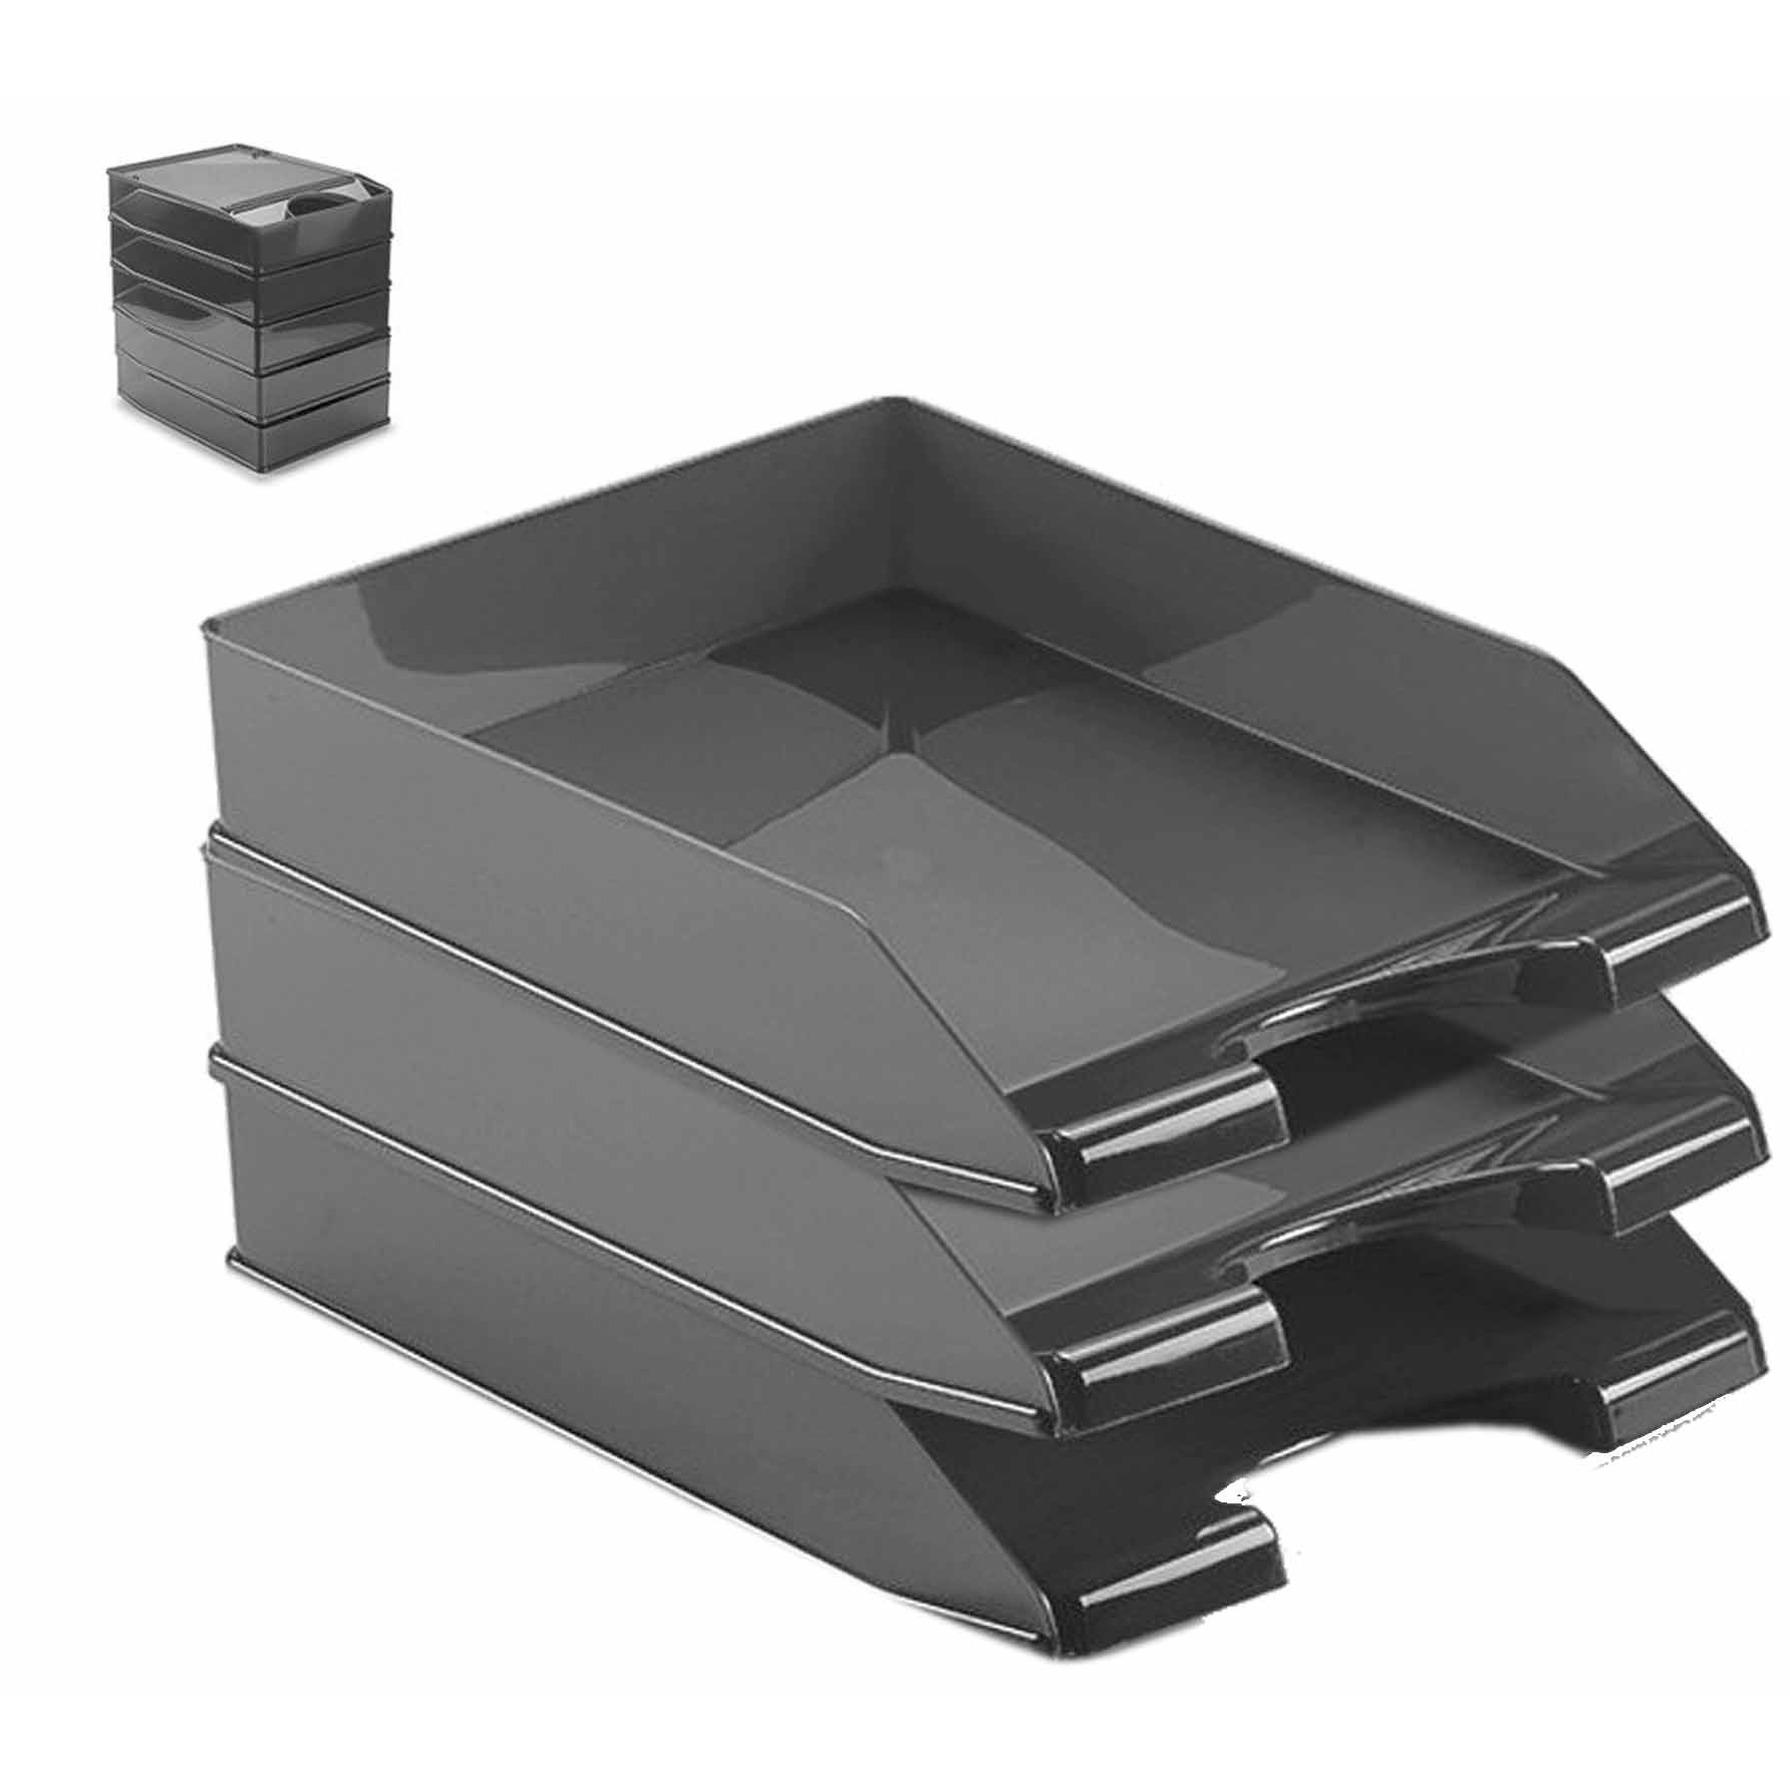 Pakket van 6x stuks postbakjejes zwart a4 formaat